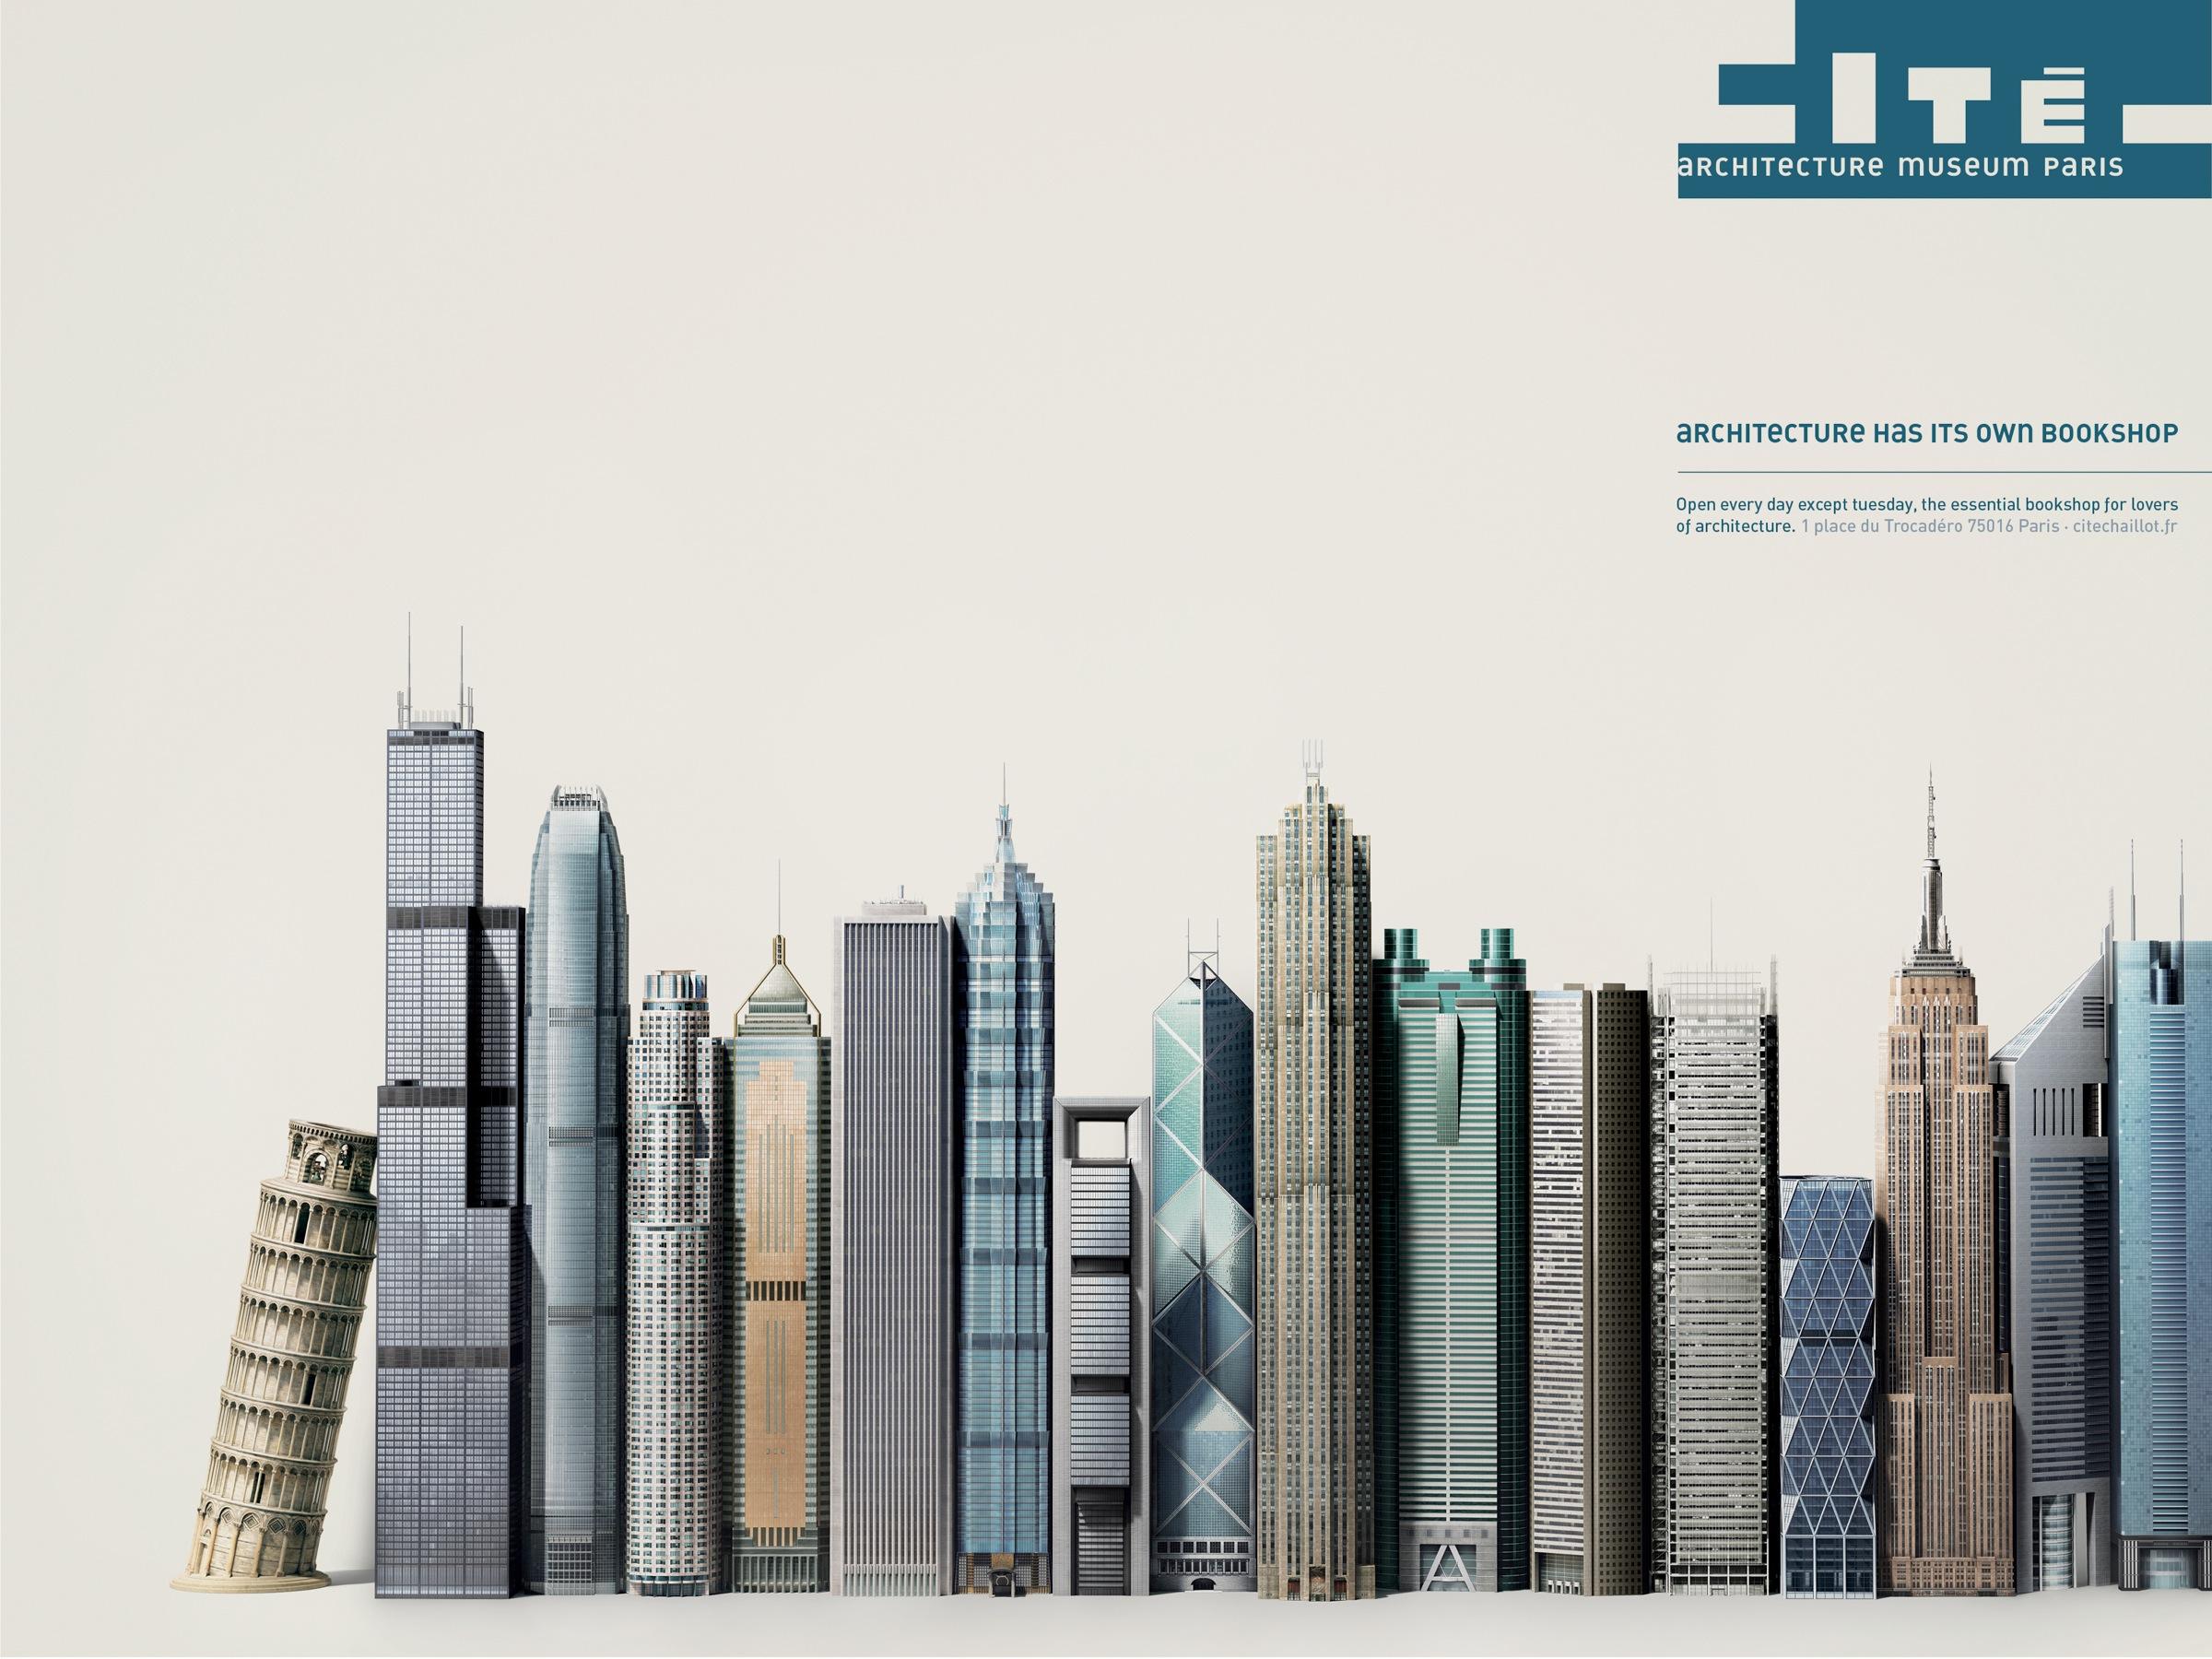 cit de l 39 architecture et du patrimoine print advert by. Black Bedroom Furniture Sets. Home Design Ideas